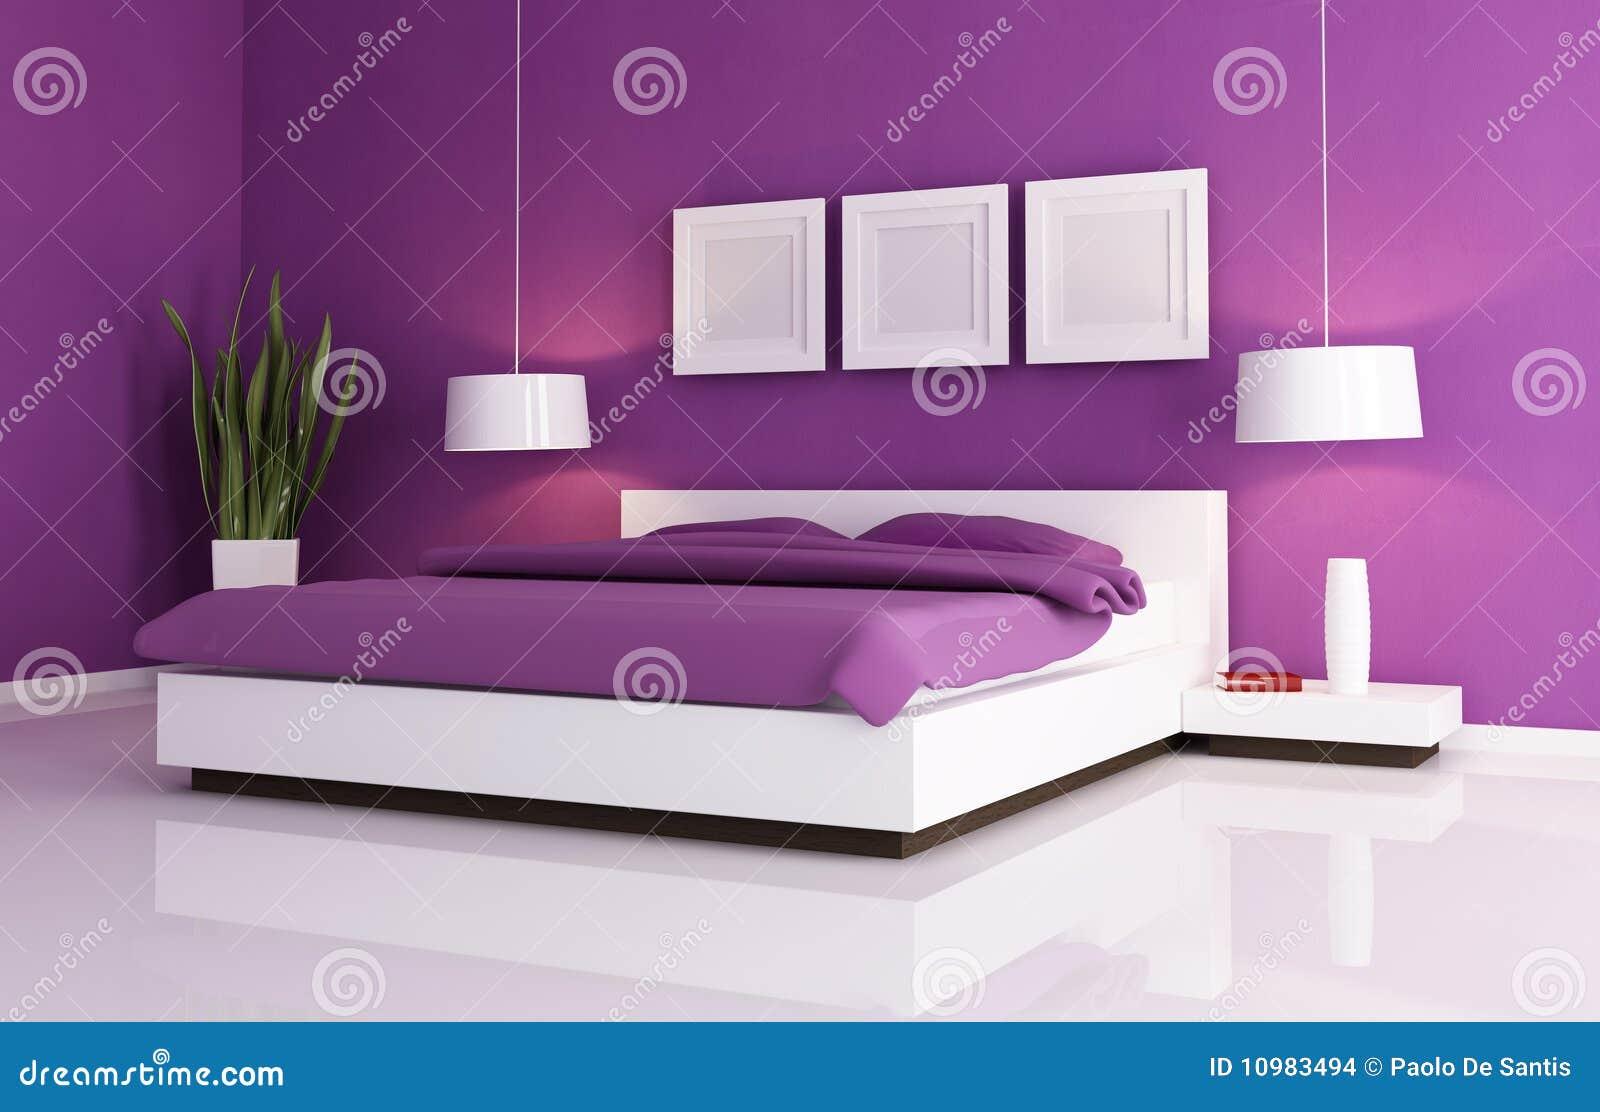 Camera da letto viola e bianca immagini stock immagine - Camera da letto bianca e viola ...